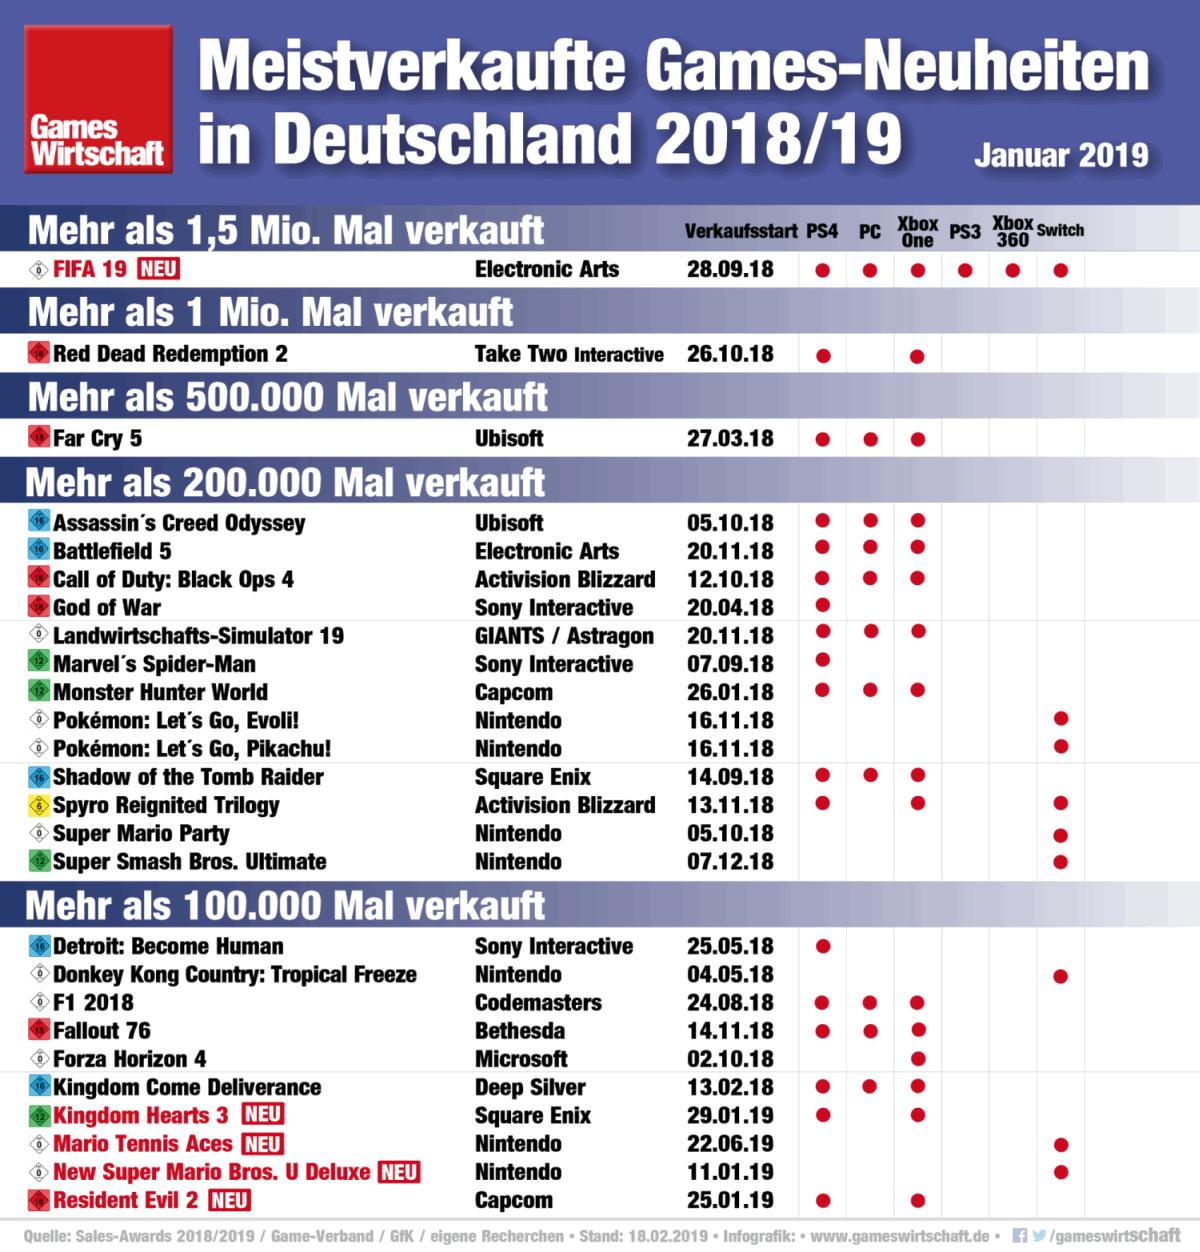 """Mit 1,5 Millionen Stück steht """"FIFA 19"""" mit weitem Abstand an der Tabellenspitze (Stand: 18.2.2019)"""